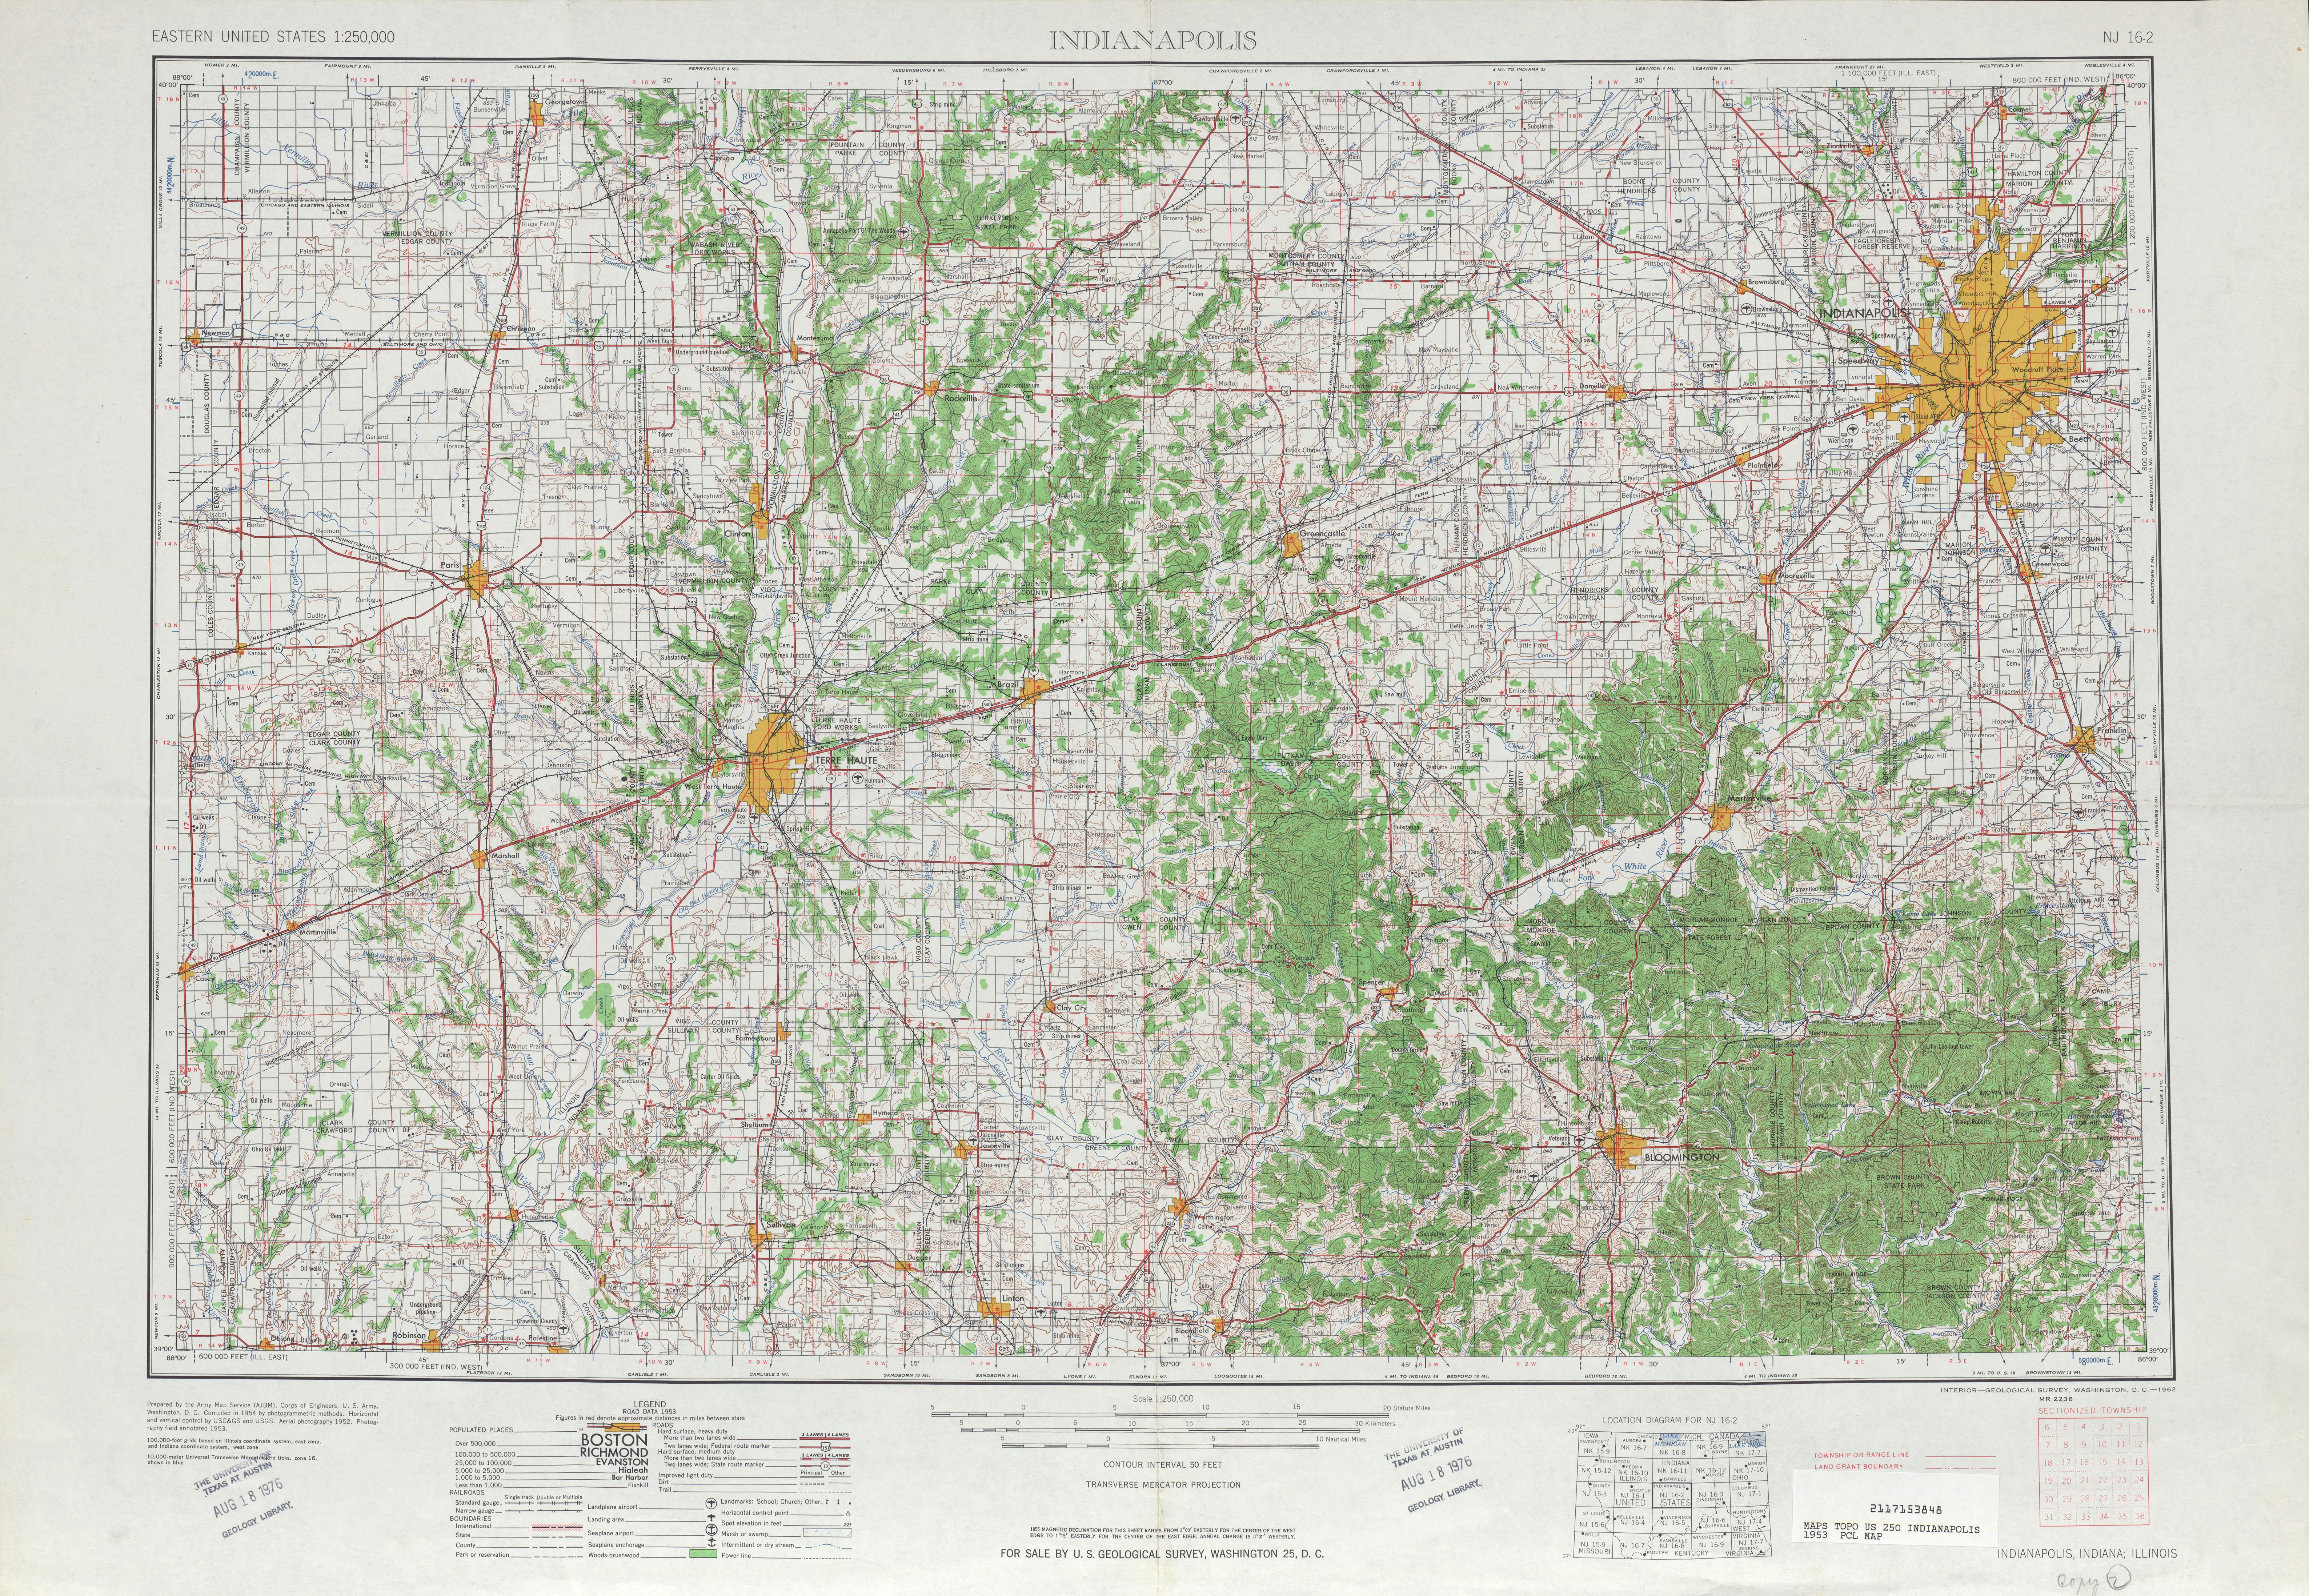 Hoja Indianapolis del Mapa Topográfico de los Estados Unidos 1953